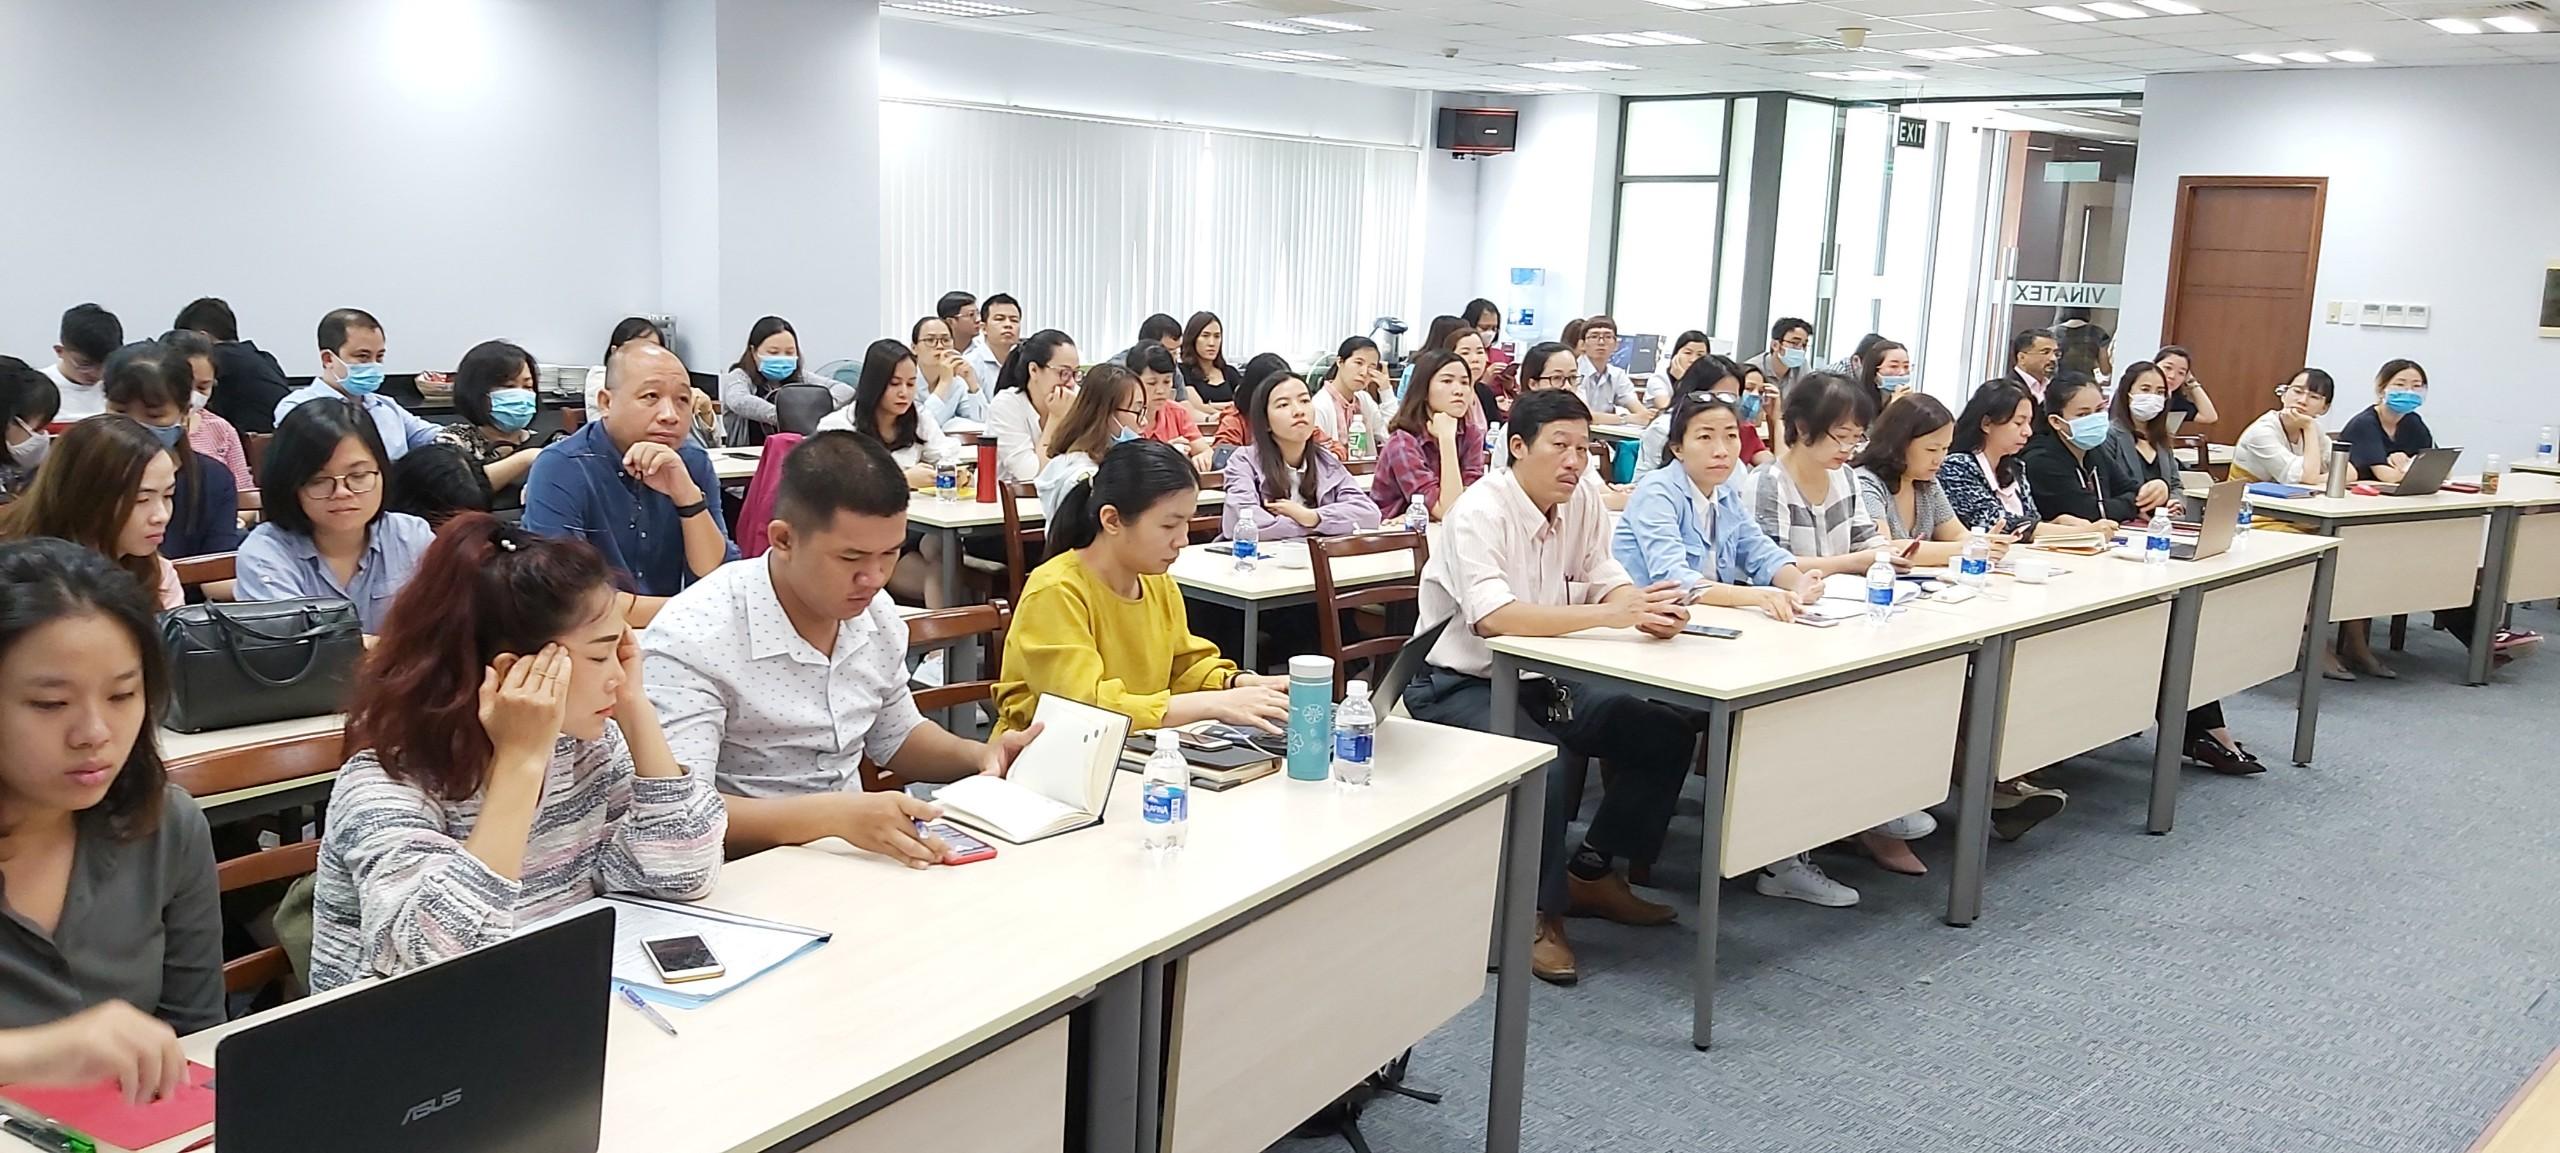 Hơn 70 người tham gia lớp tập huấn về quy tắc xuất xứ trong Hiệp định EVFTA